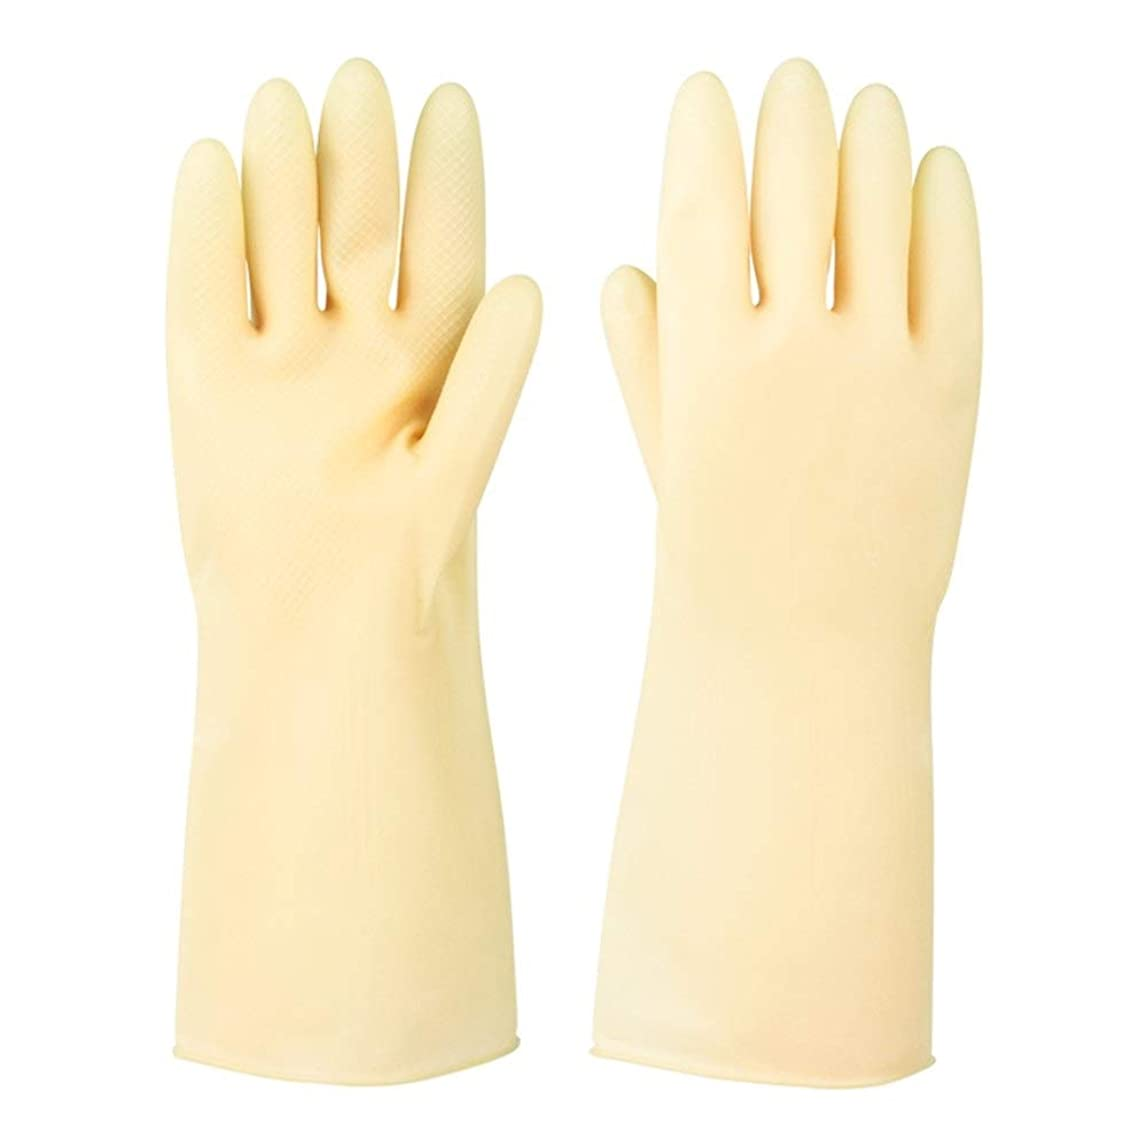 不名誉な馬力伝染性のニトリルゴム手袋 ラバーレザーグローブ厚めの滑り止め耐摩耗性防水保護手袋、5ペア 使い捨て手袋 (Color : 5 pair, Size : S)